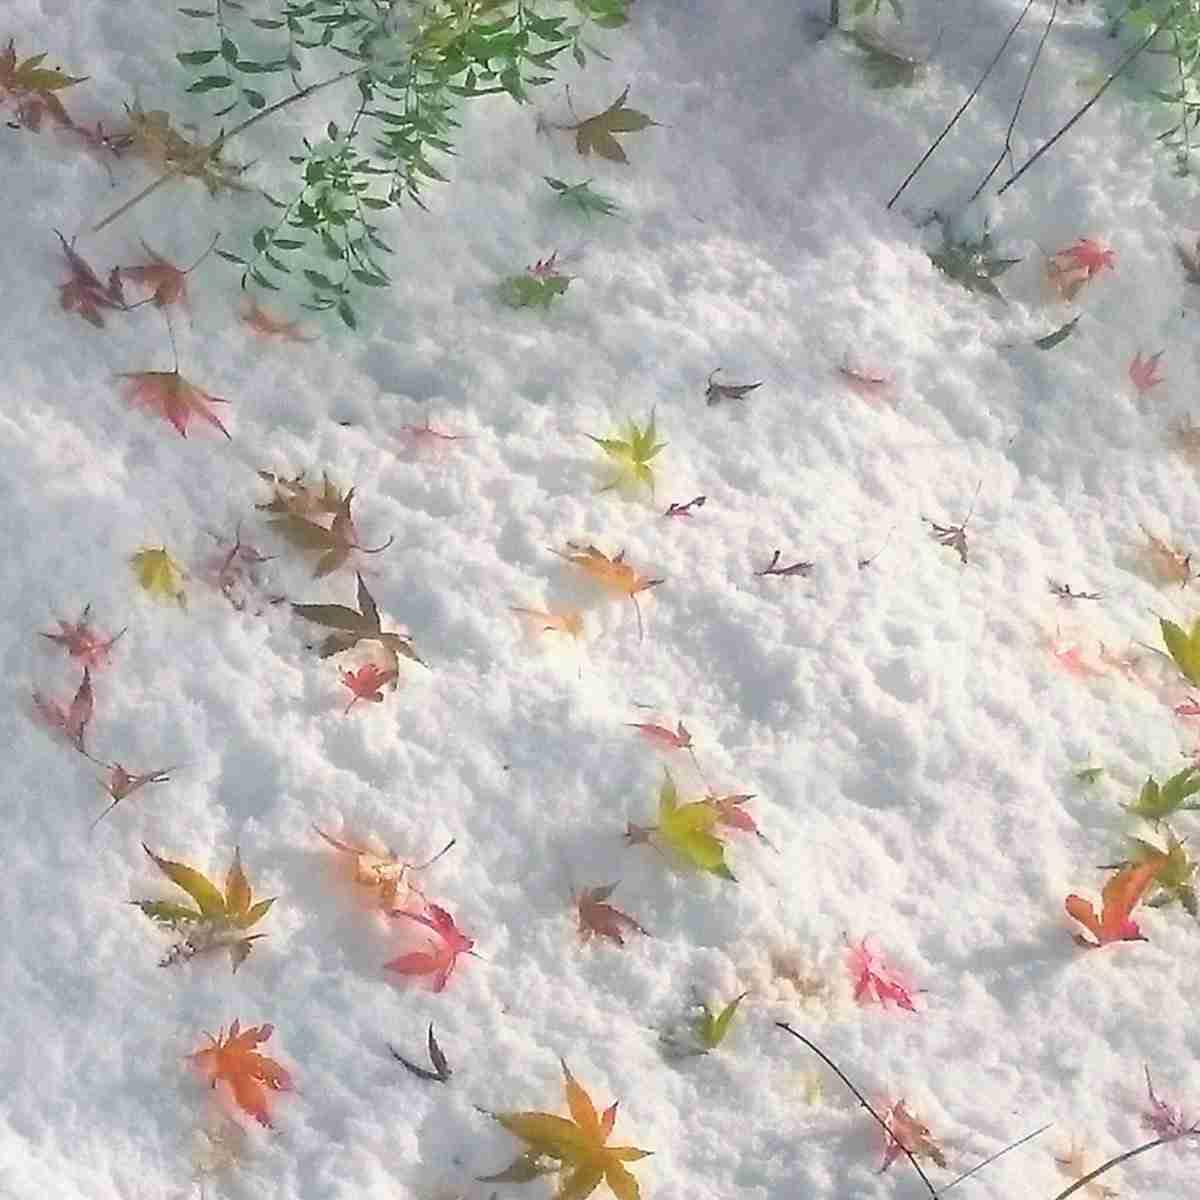 紅葉の画像を貼るトピ